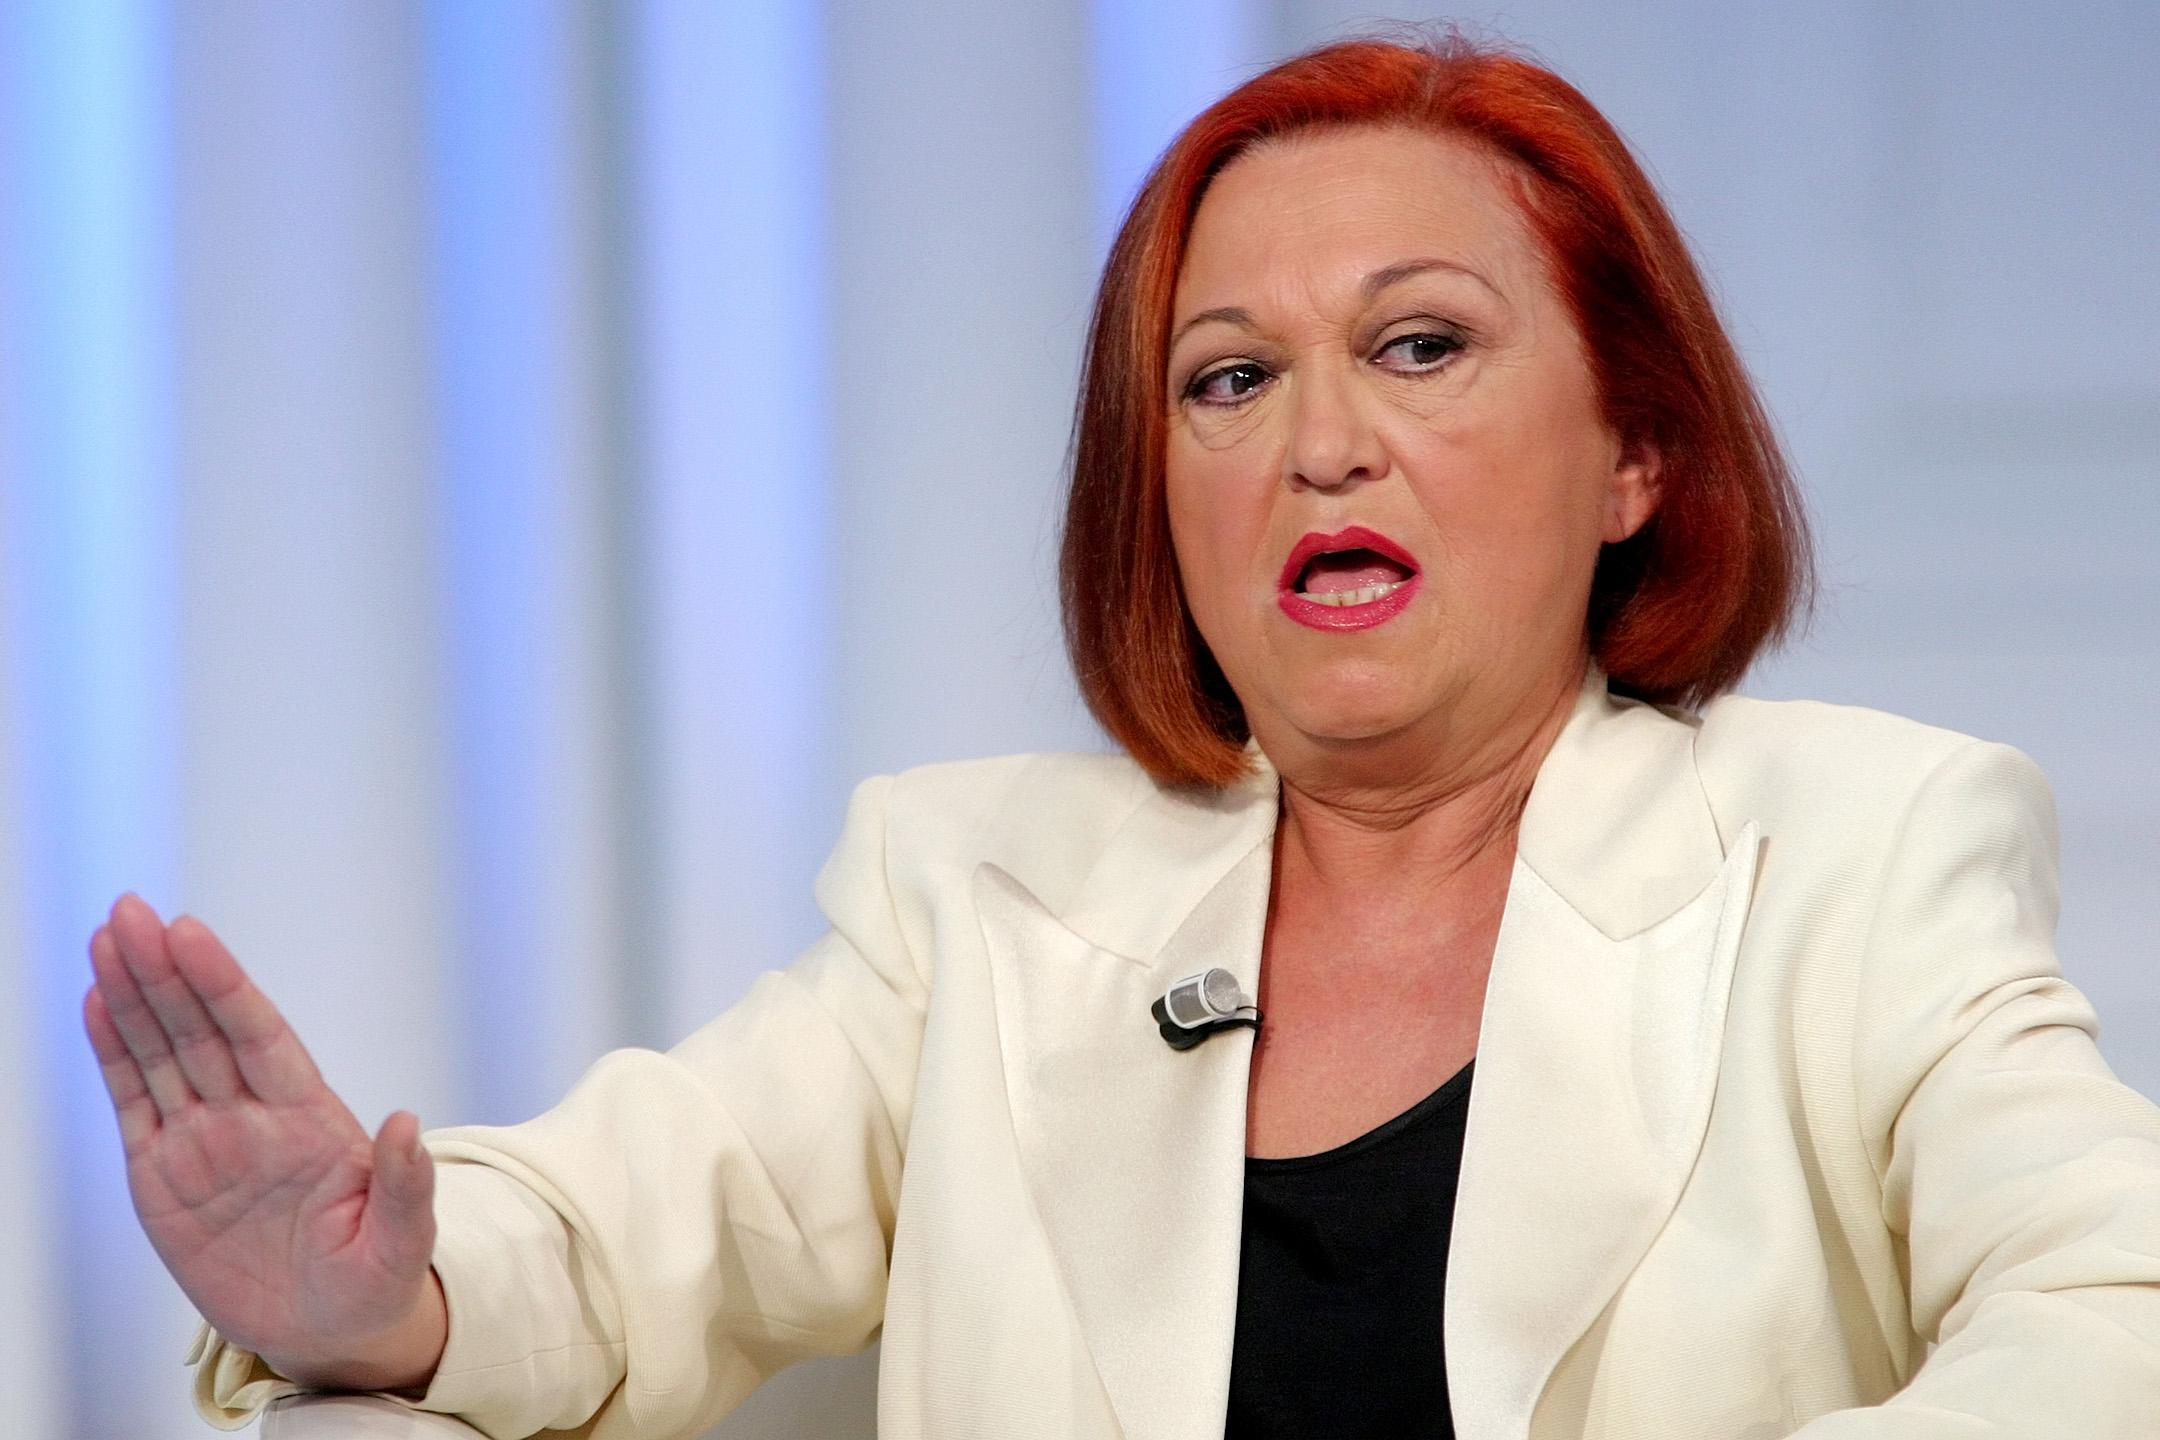 Wanna Marchi e Stefania Nobile furiose con Federica Pannicucci, ecco cosa è accaduto